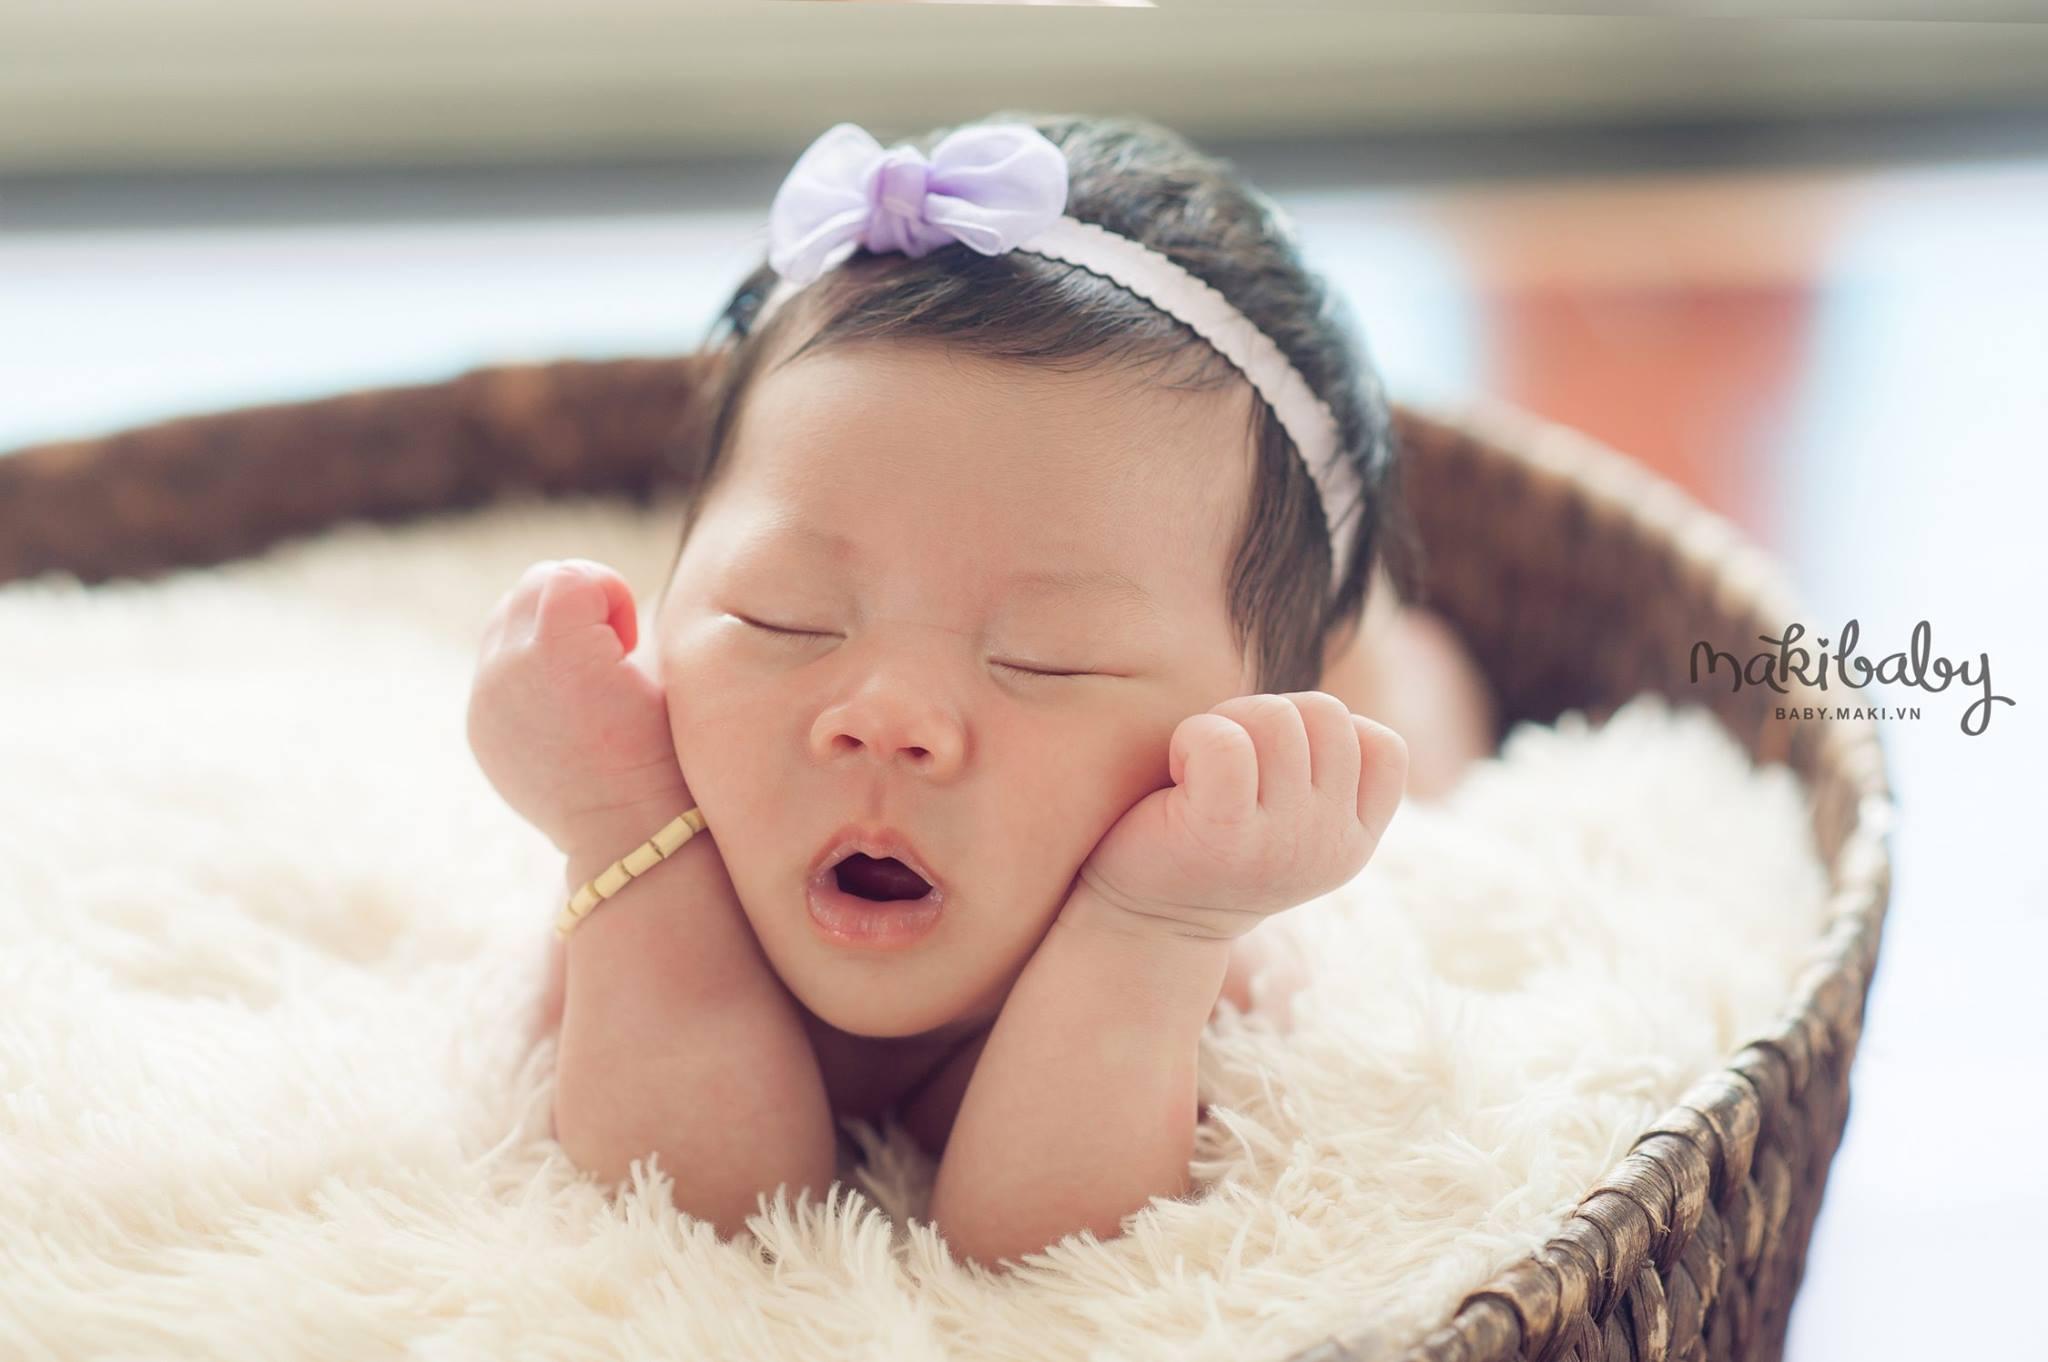 Chụp ảnh cho trẻ sơ sinh. MAKI Baby